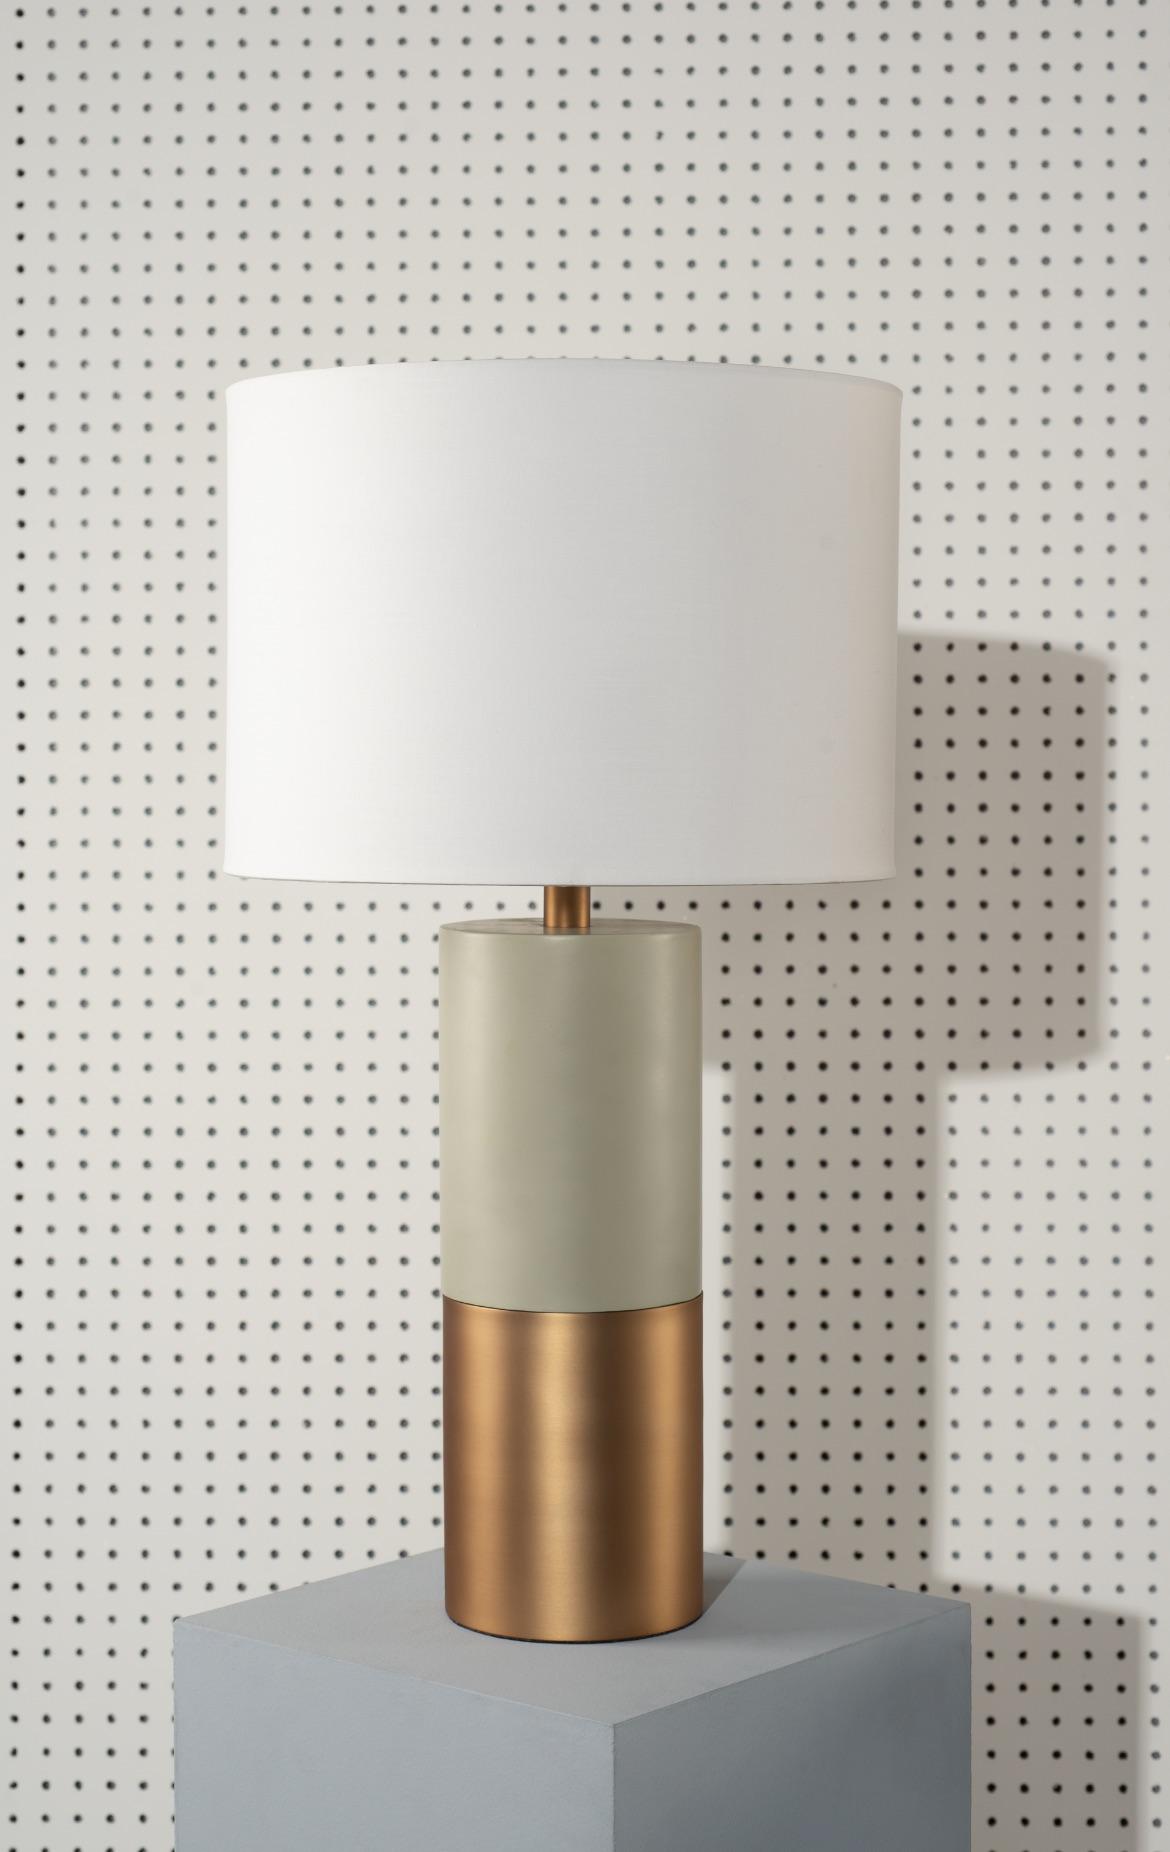 white lamp@2x